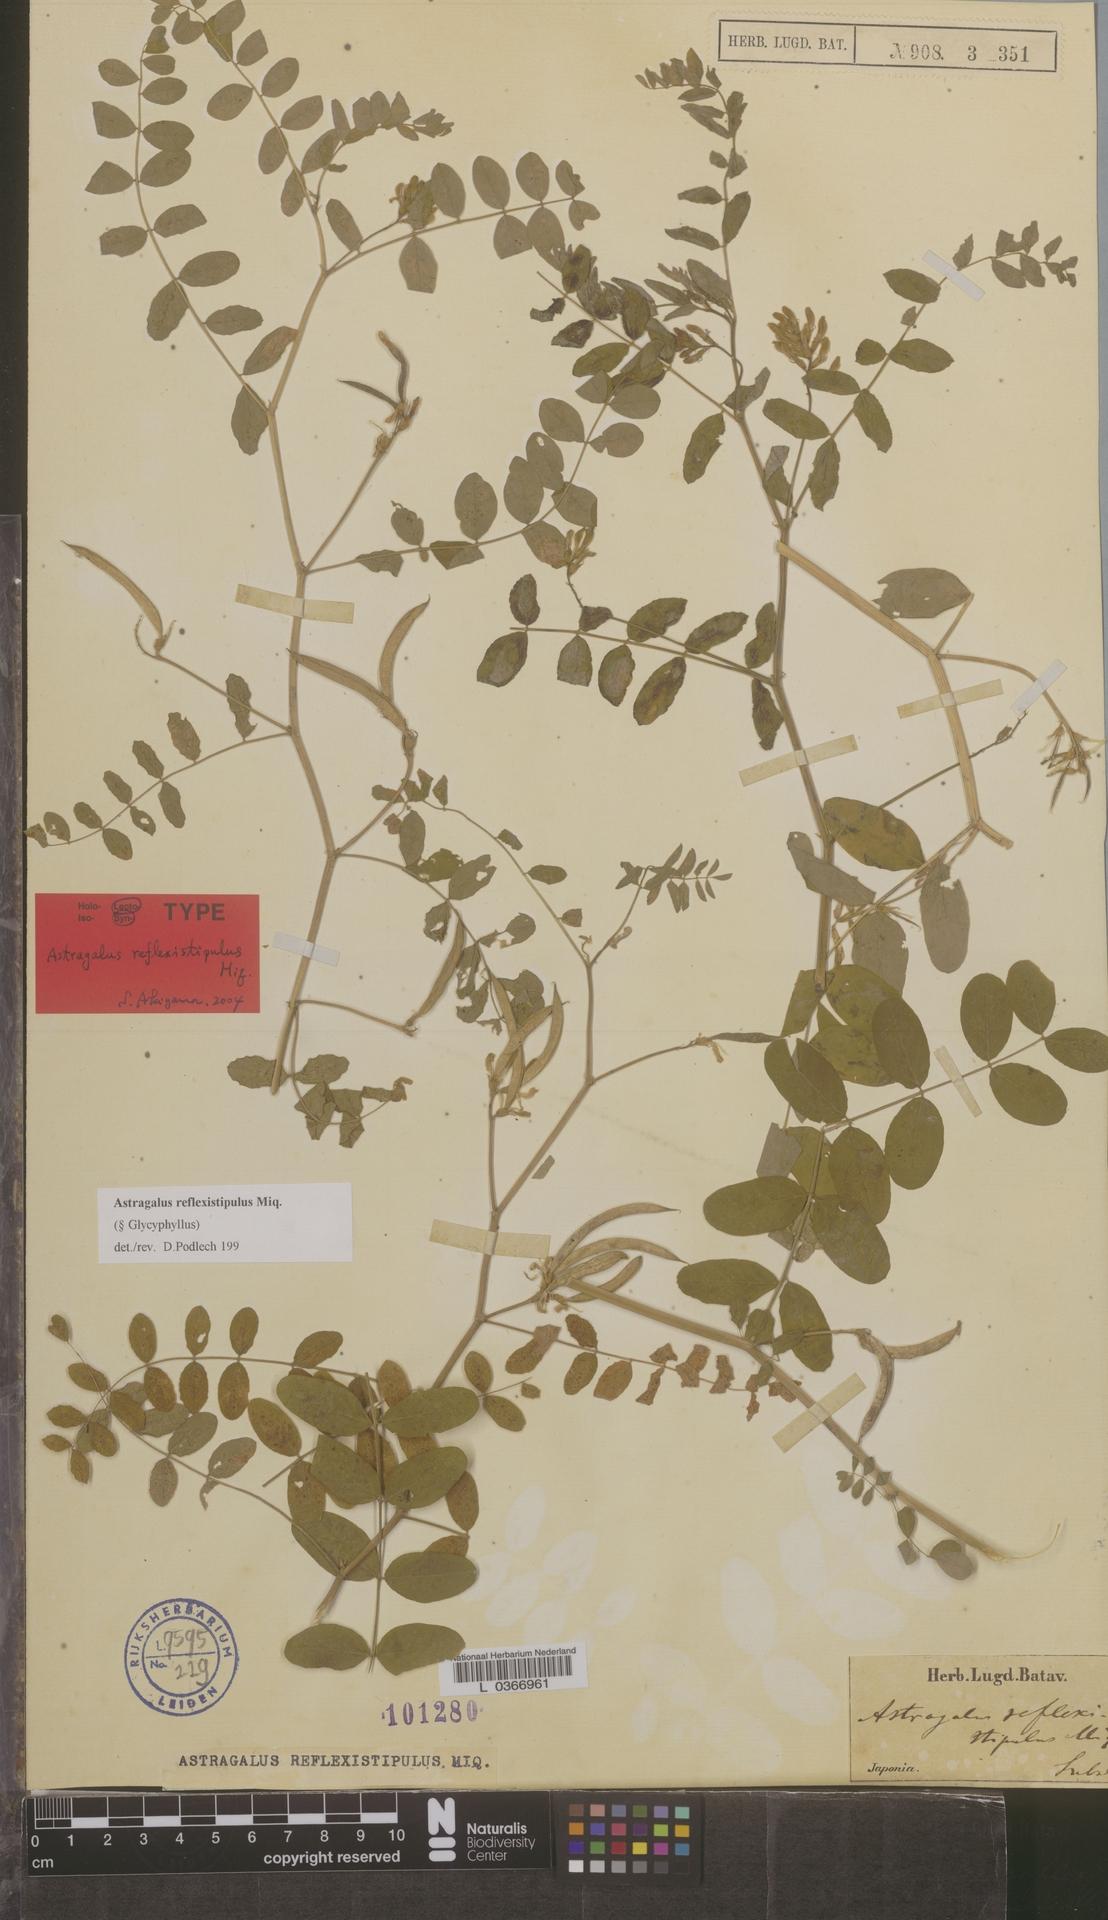 L  0366961 | Astragalus reflexistipilus Miq.